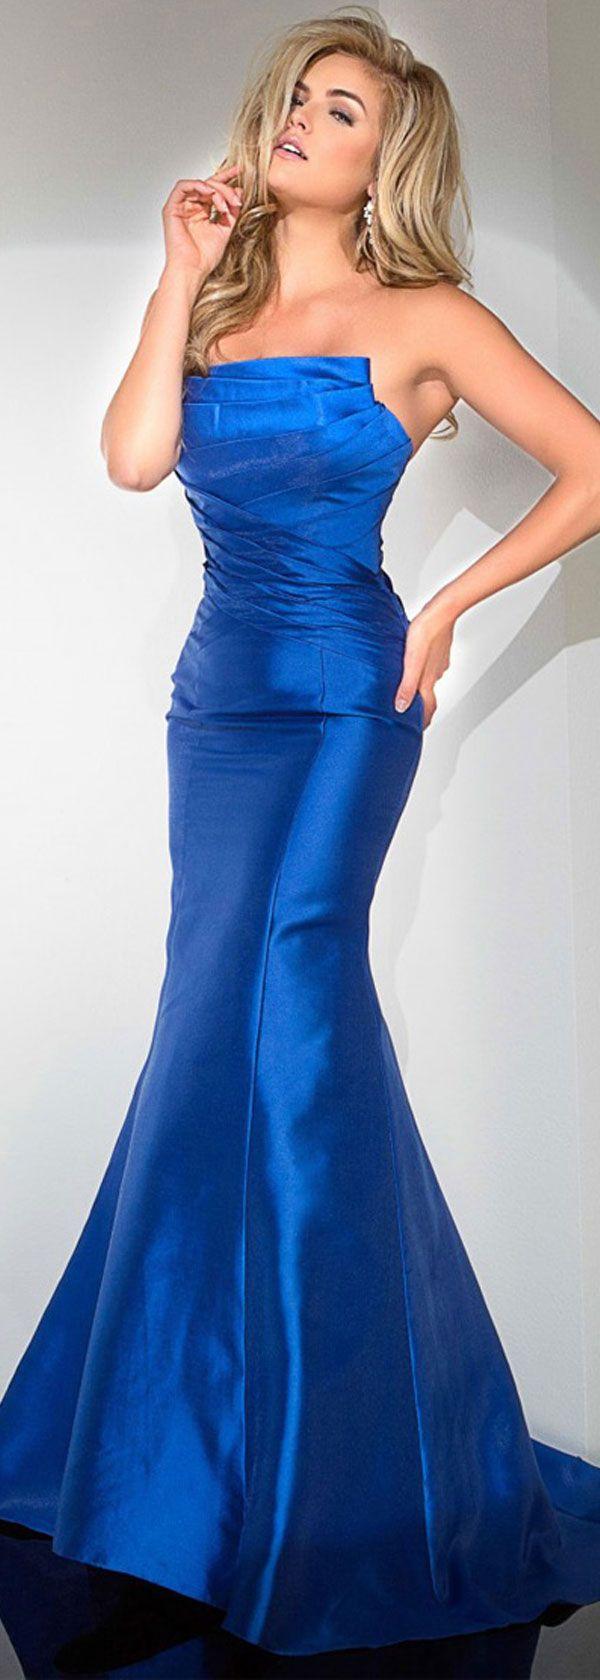 104 besten Dress NIGHT Party OUTFITS Bilder auf Pinterest | Party ...